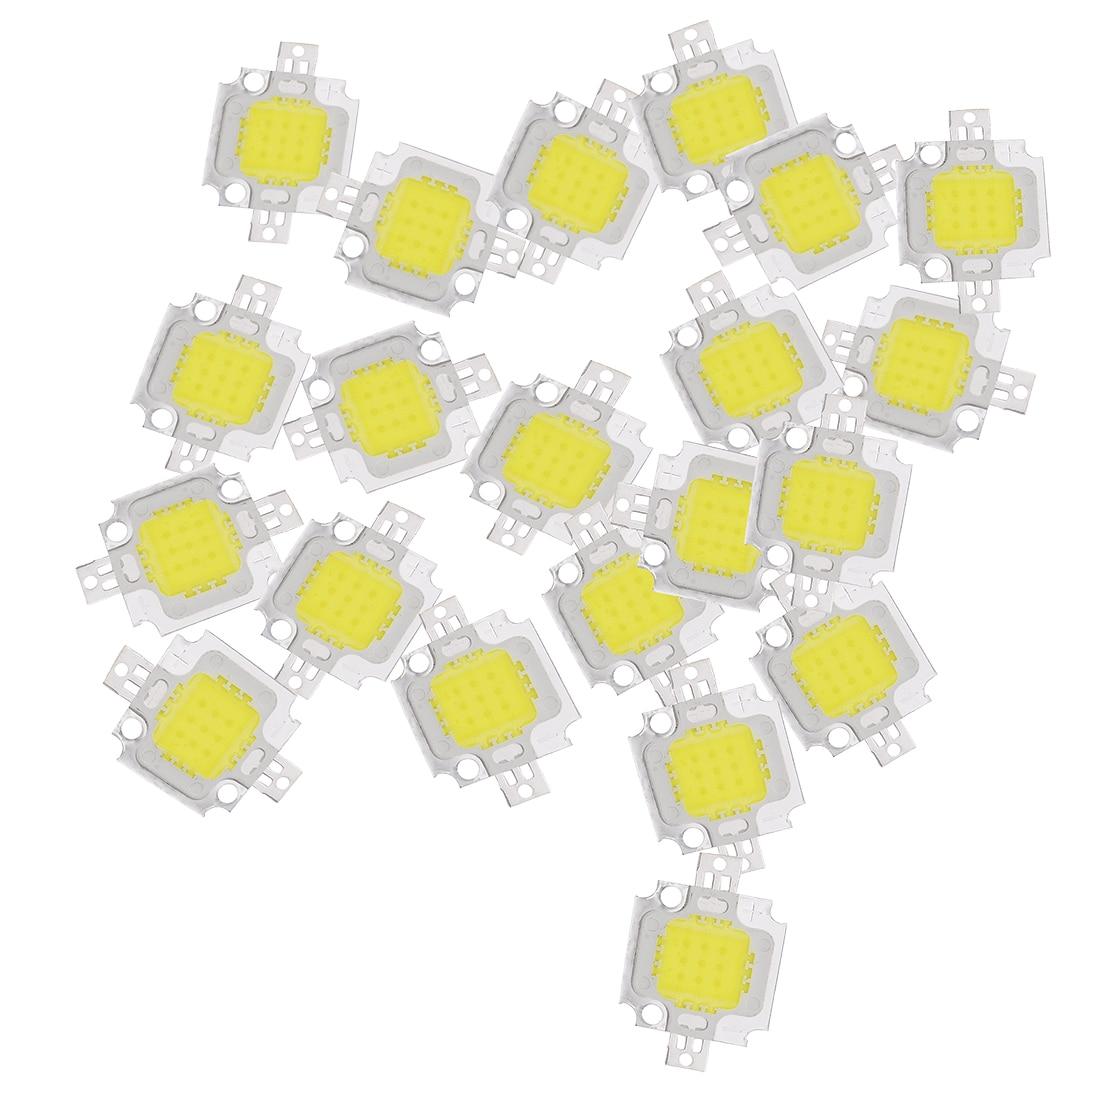 20 pièces 10W LED blanc pur haute puissance 1100LM lampe à LED SMD puce ampoule DC 9-12V 6000-6500K Super ampoule LED lumières de remplacement